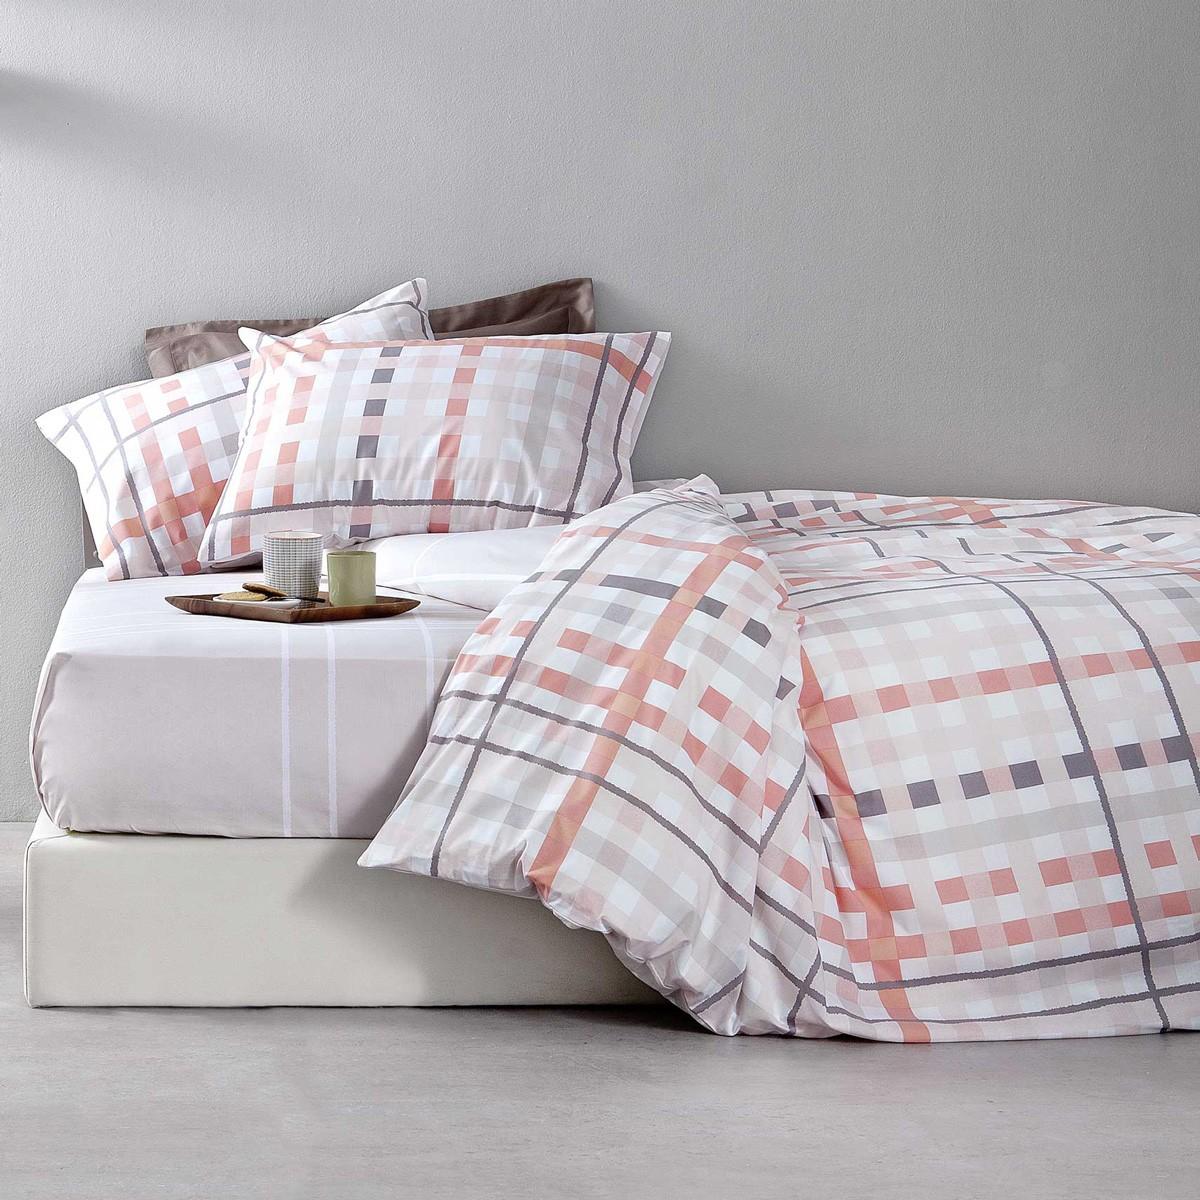 Κουβερλί Υπέρδιπλο Nima Bed Linen Damino Pink